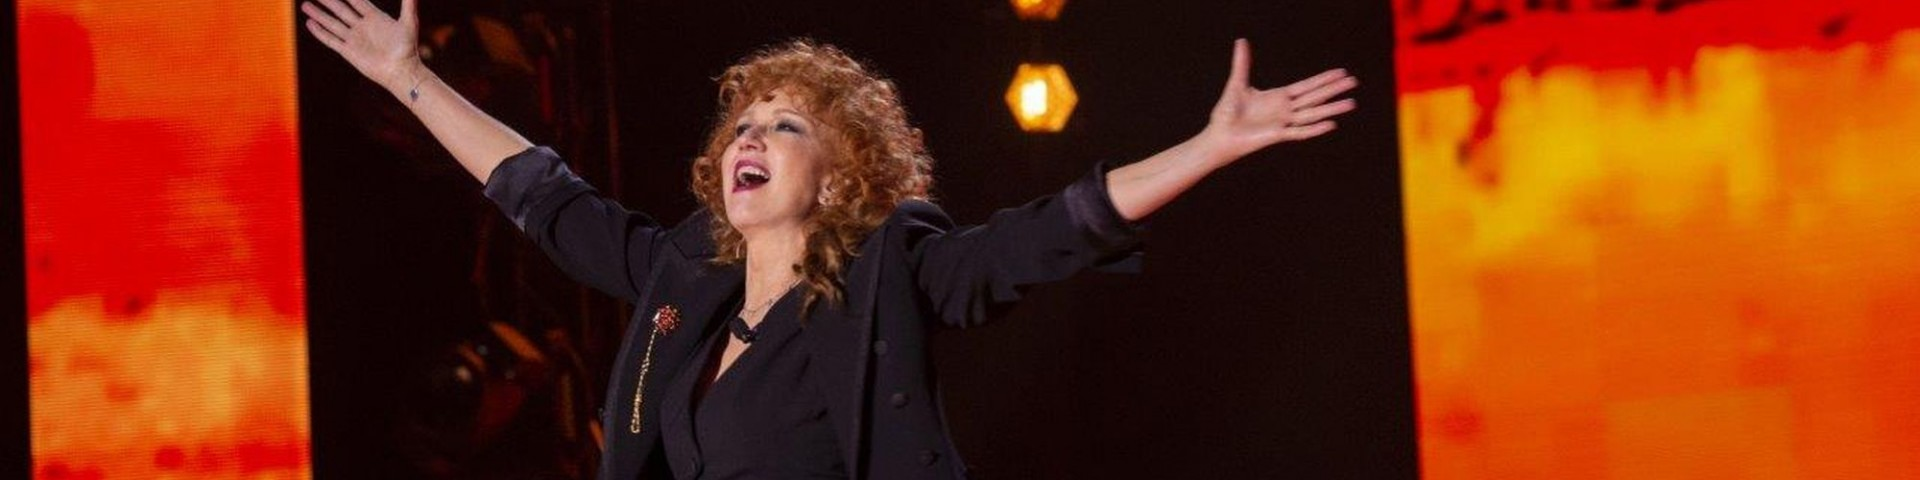 """Fiorella Mannoia presenta La musica che gira intorno: """"Uno show che non ha precedenti"""""""